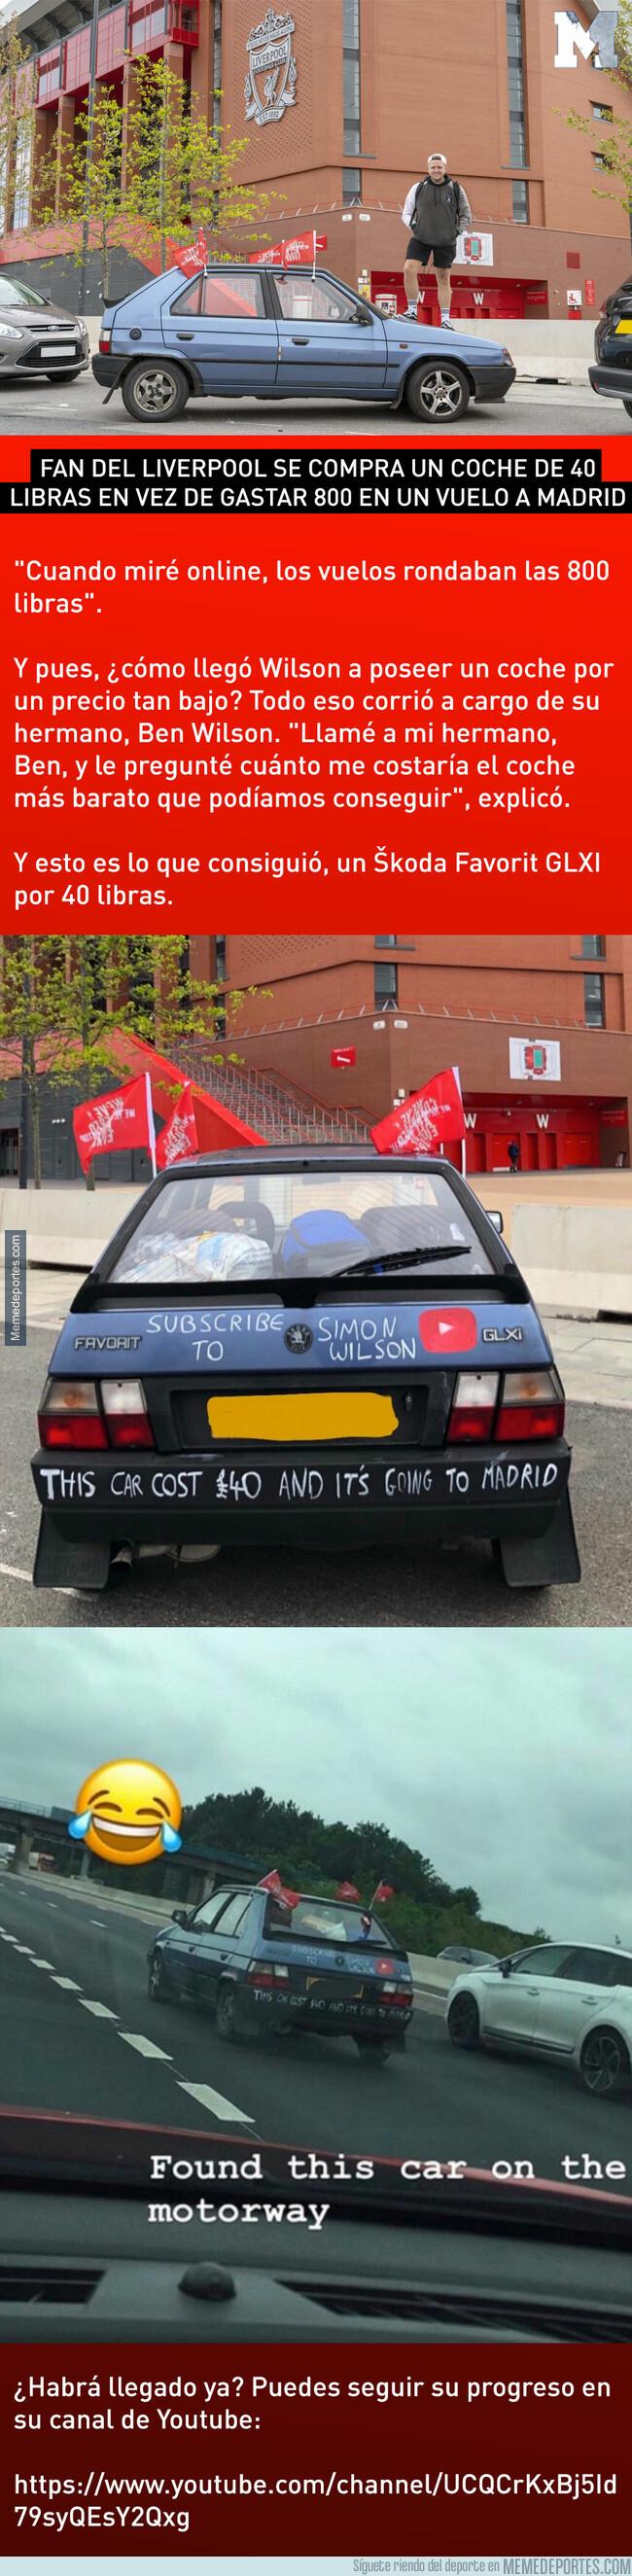 1076634 - Fan del Liverpool se compra un coche de 40 libras en vez de gastar 800 en un vuelo a Madrid